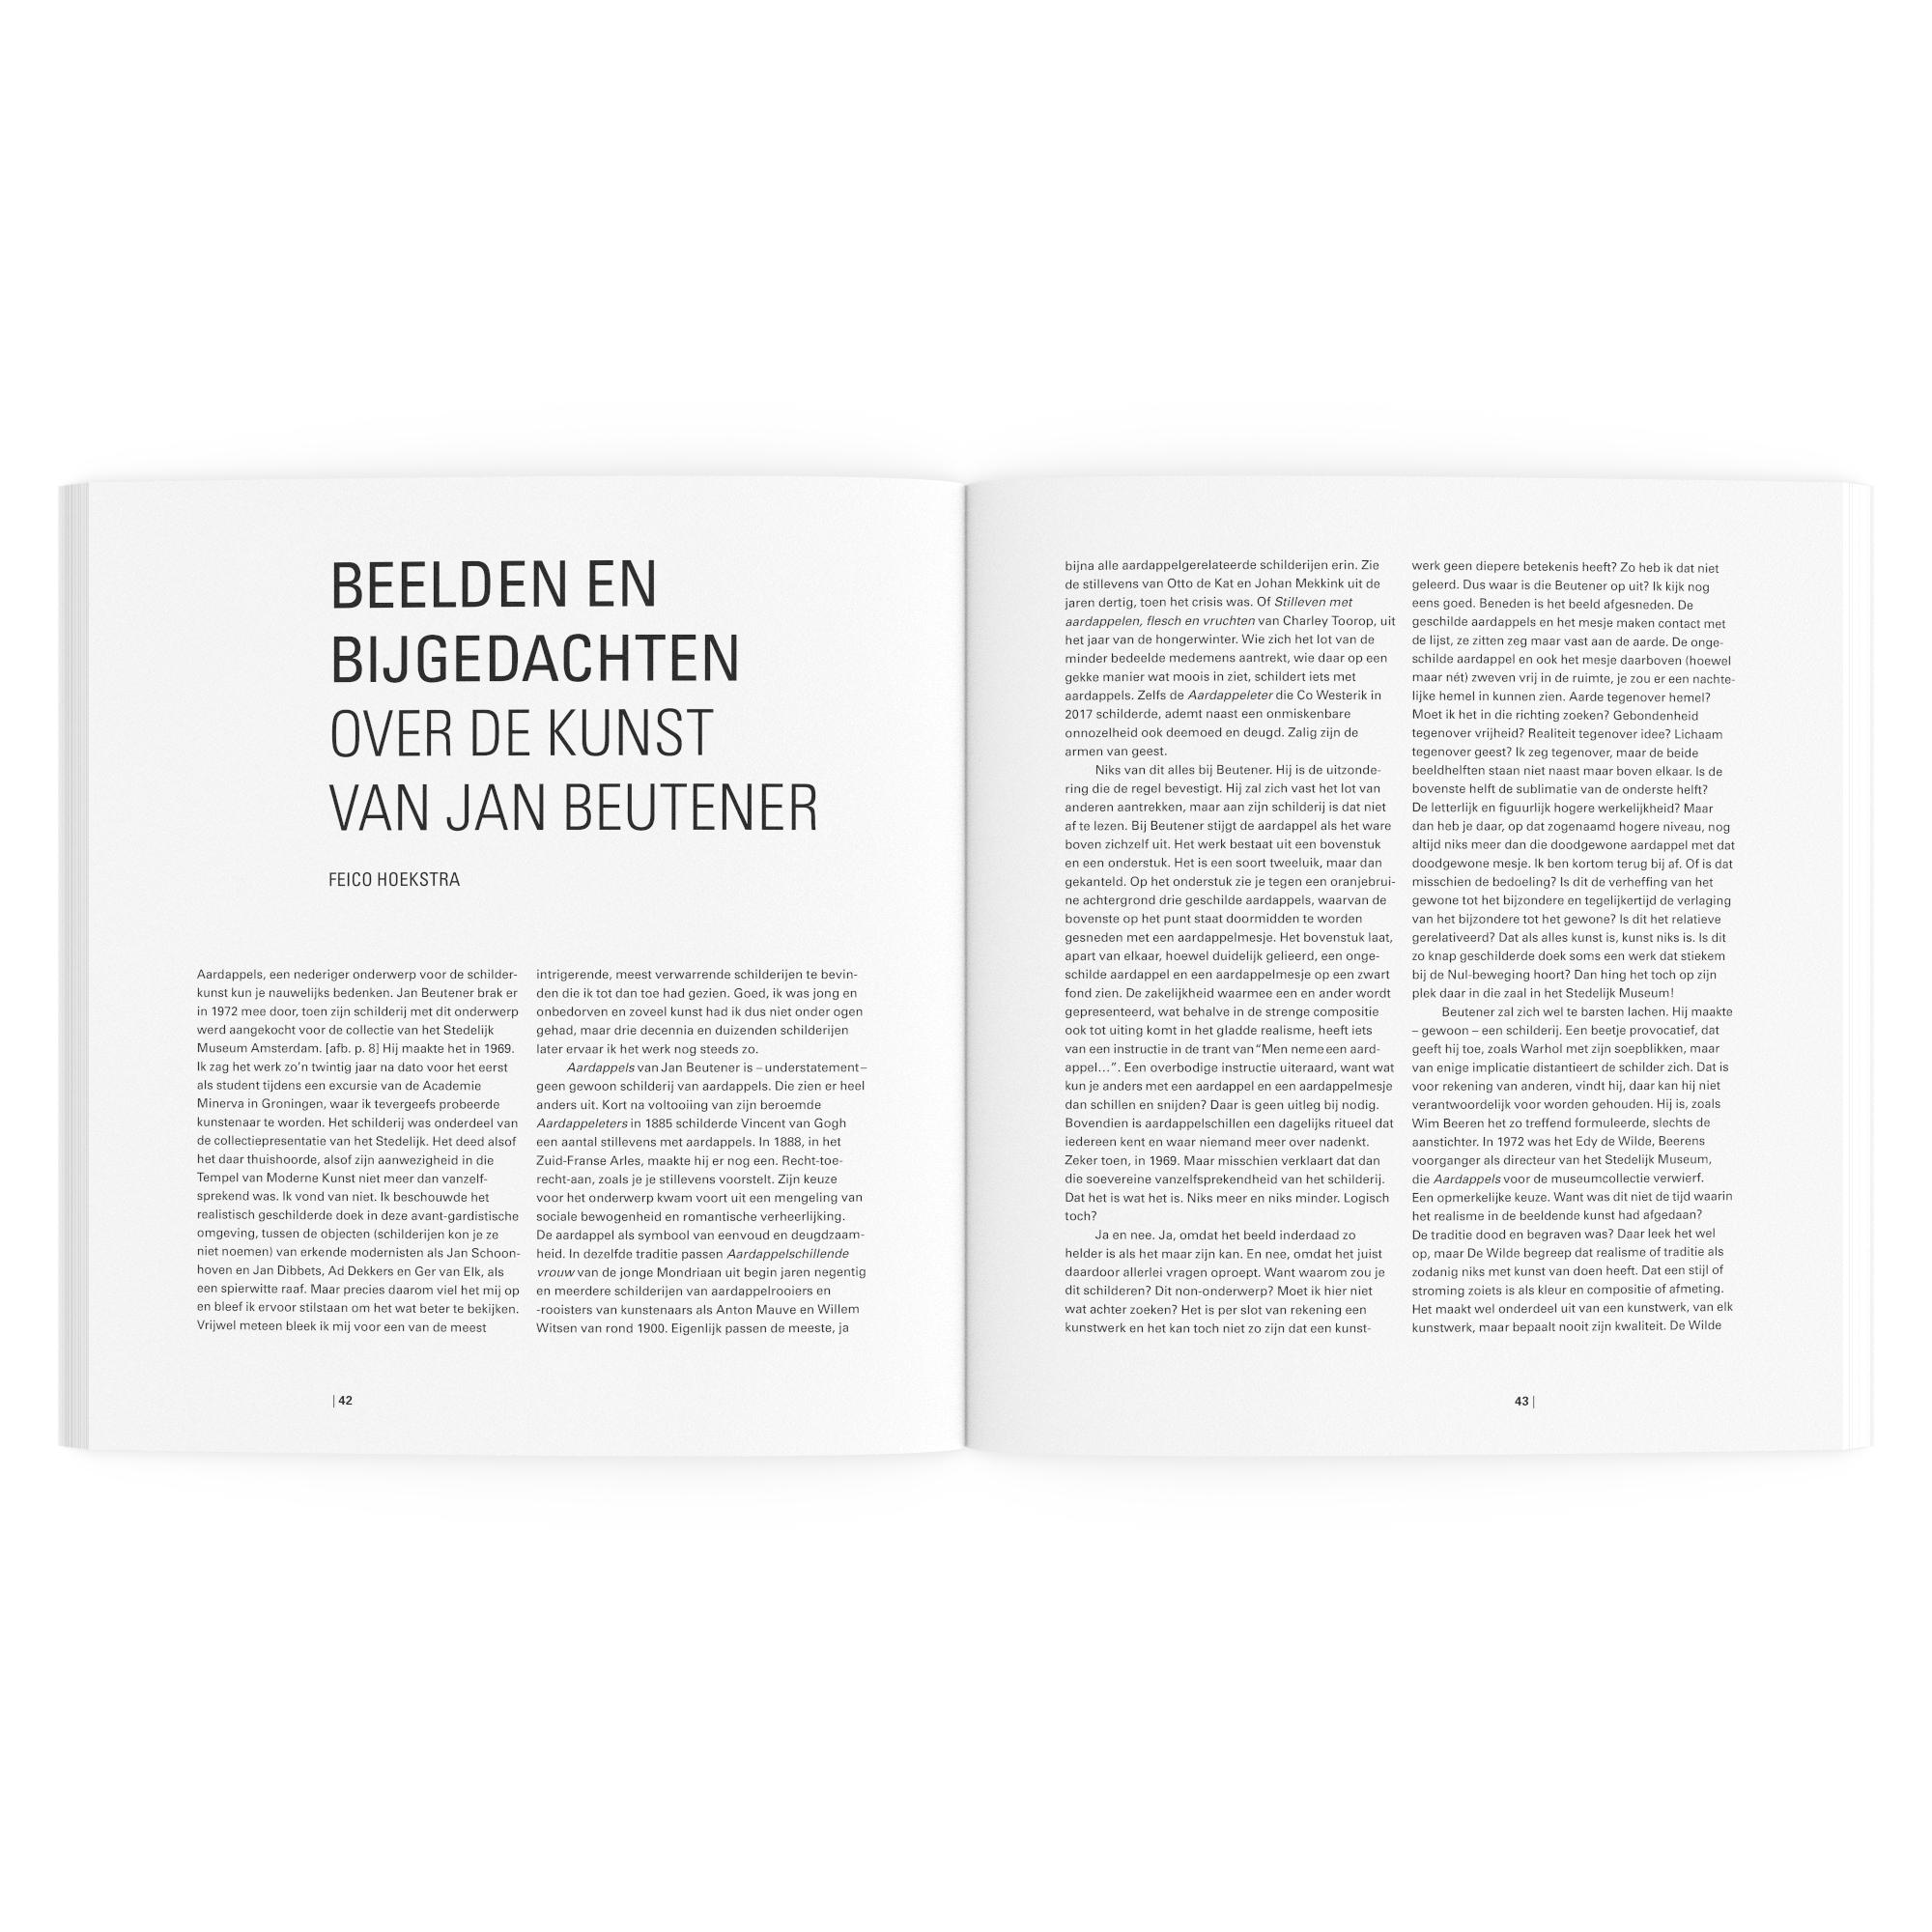 2020-Jan Beutener-binnenwerk_42-43